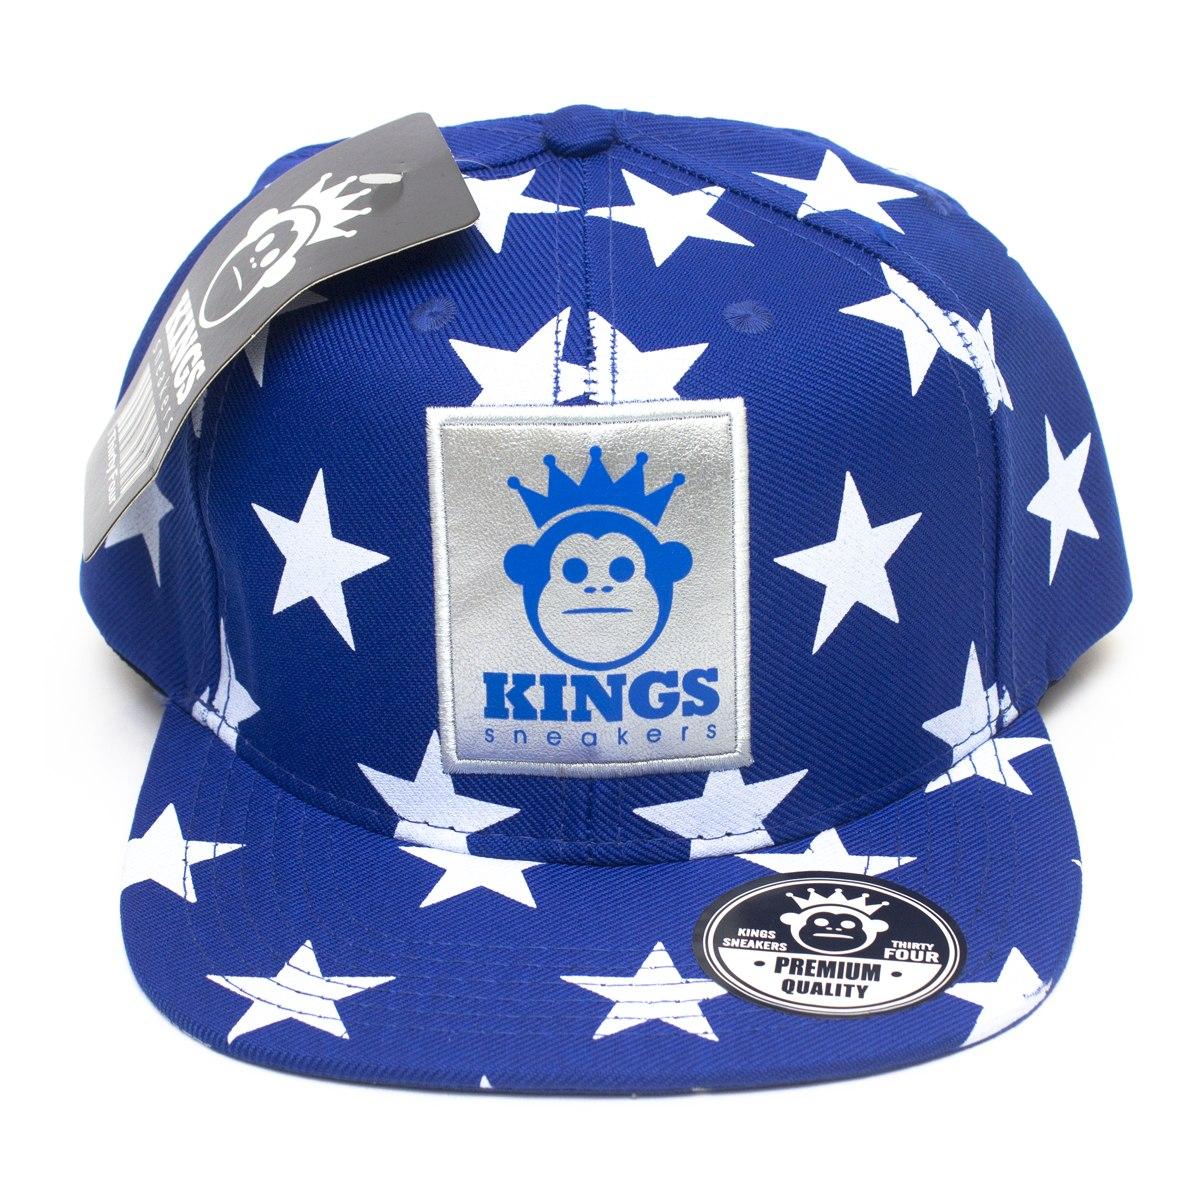 ef655e5c0f Boné Aba Reta Top Kings Sneakers Star Estrela Promoção! - R$ 79,99 ...